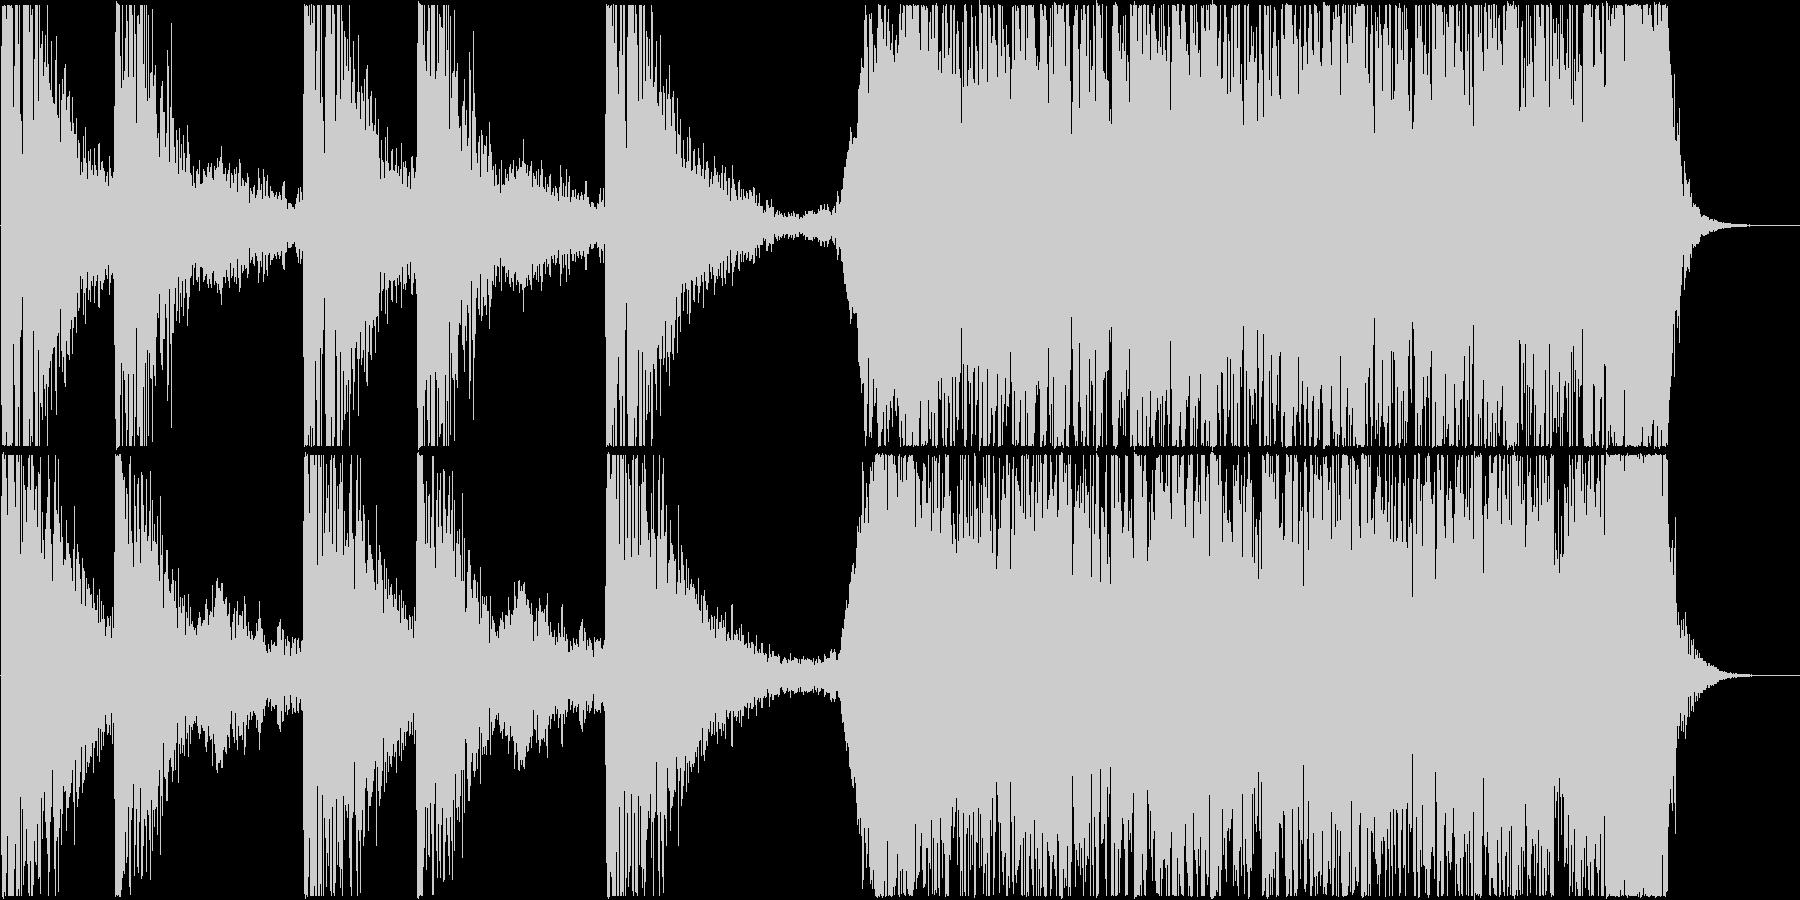 トレーラー(恐怖系)の未再生の波形